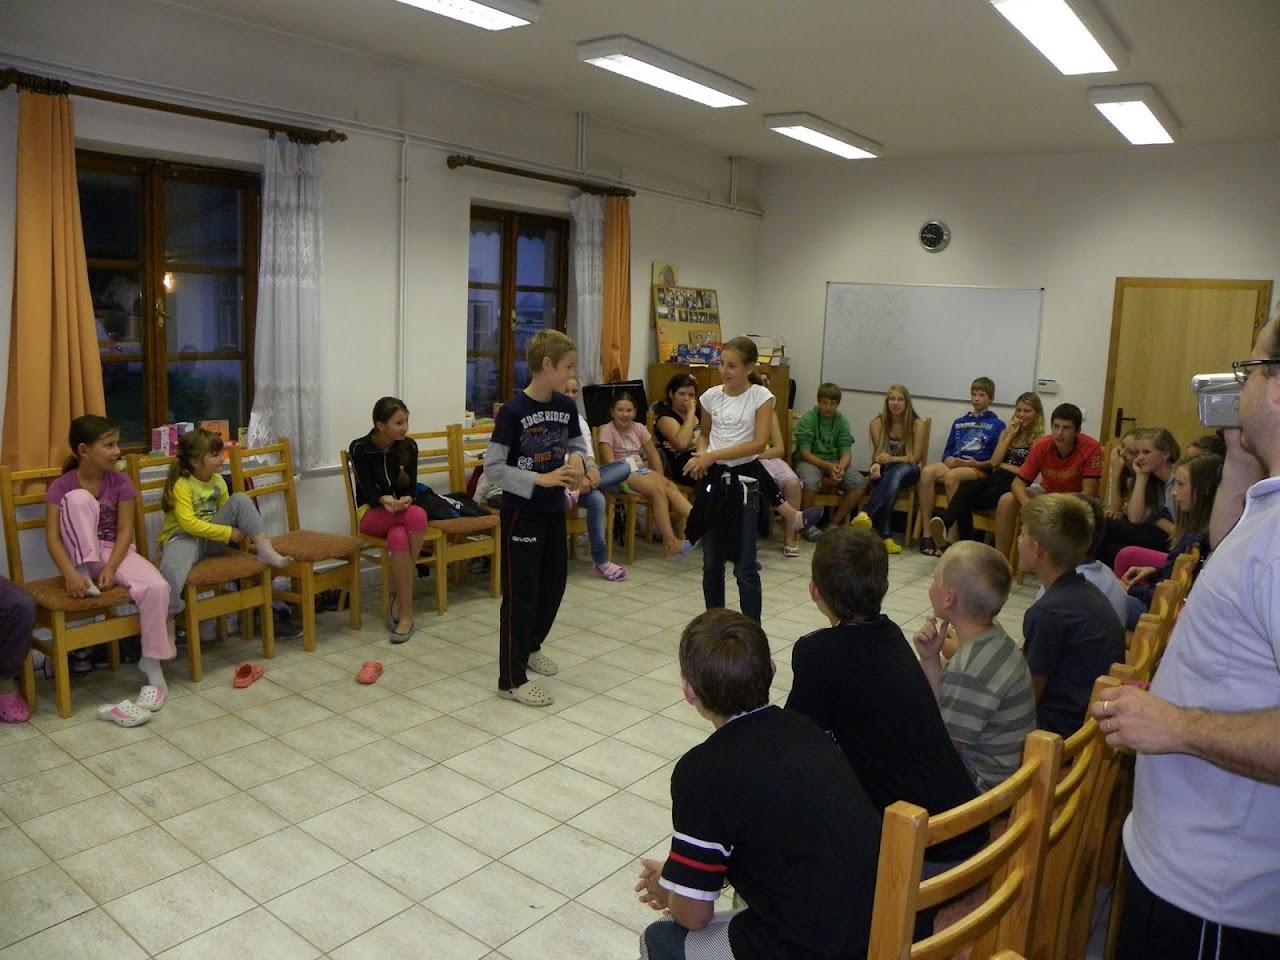 Tábor - Veľké Karlovice - fotka 473.JPG